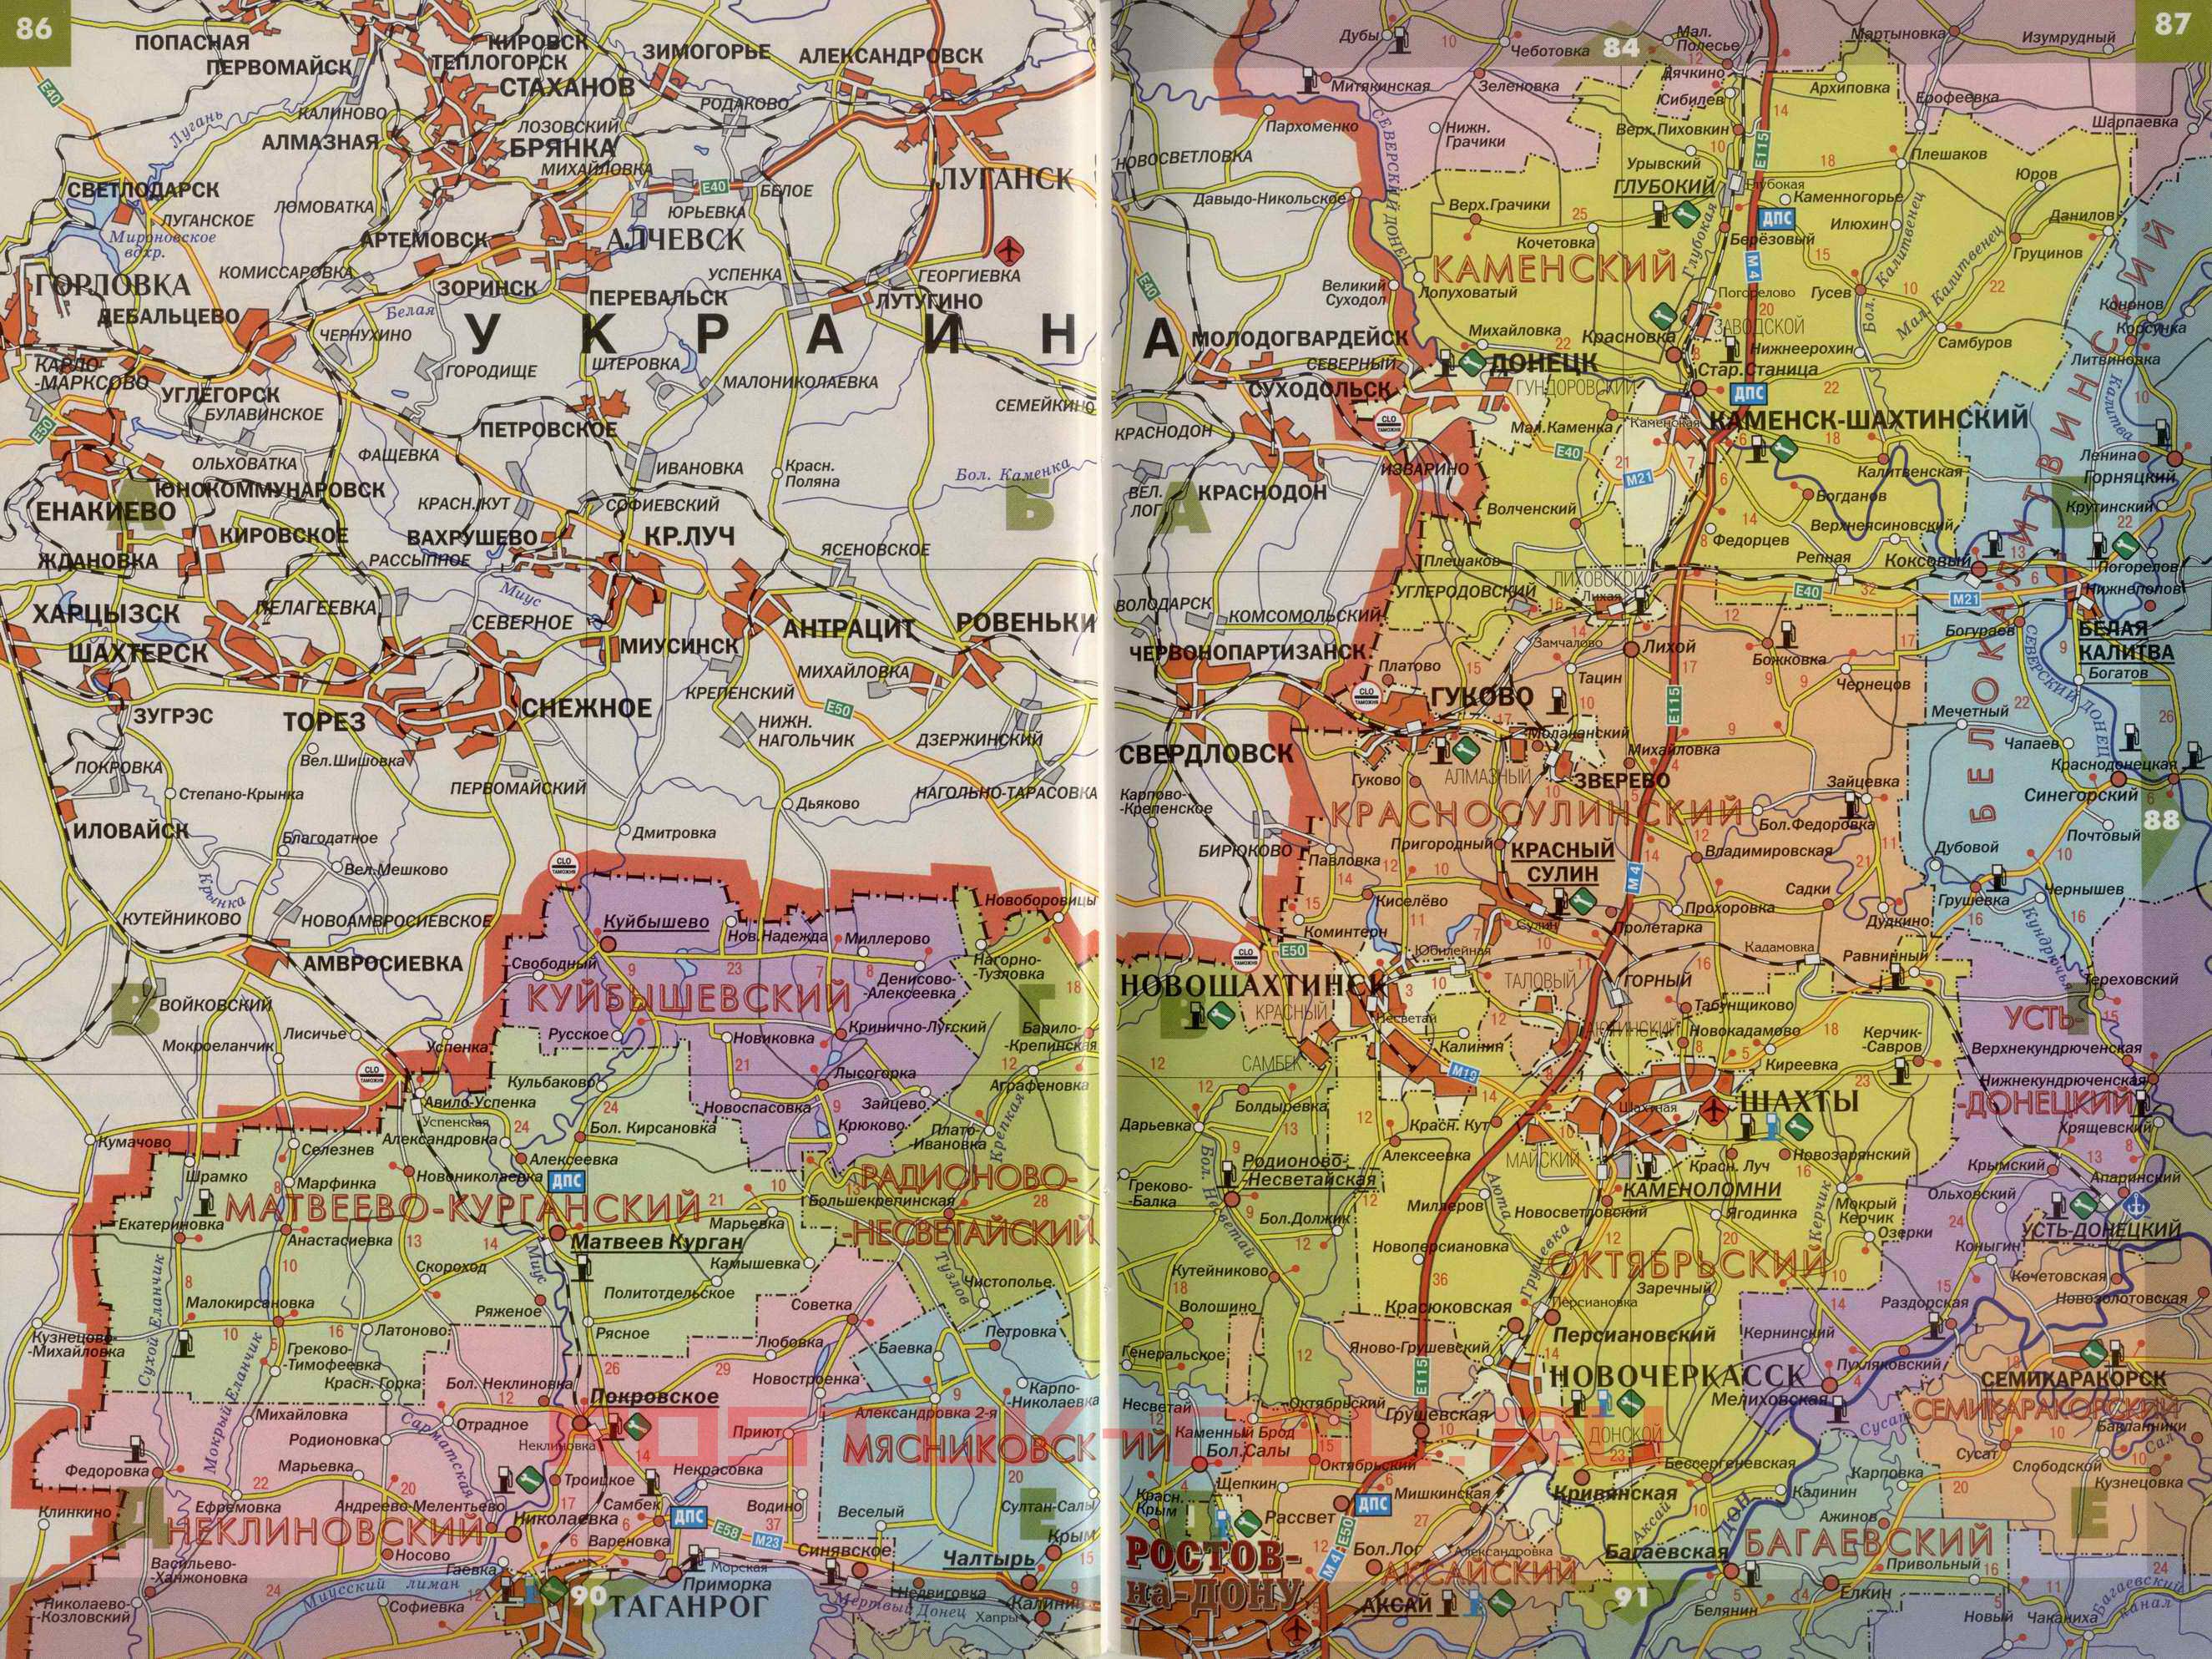 Ростовская область. Карта Ростовской области. Большая ...: http://rf-town.ru/map979065_0_0.htm